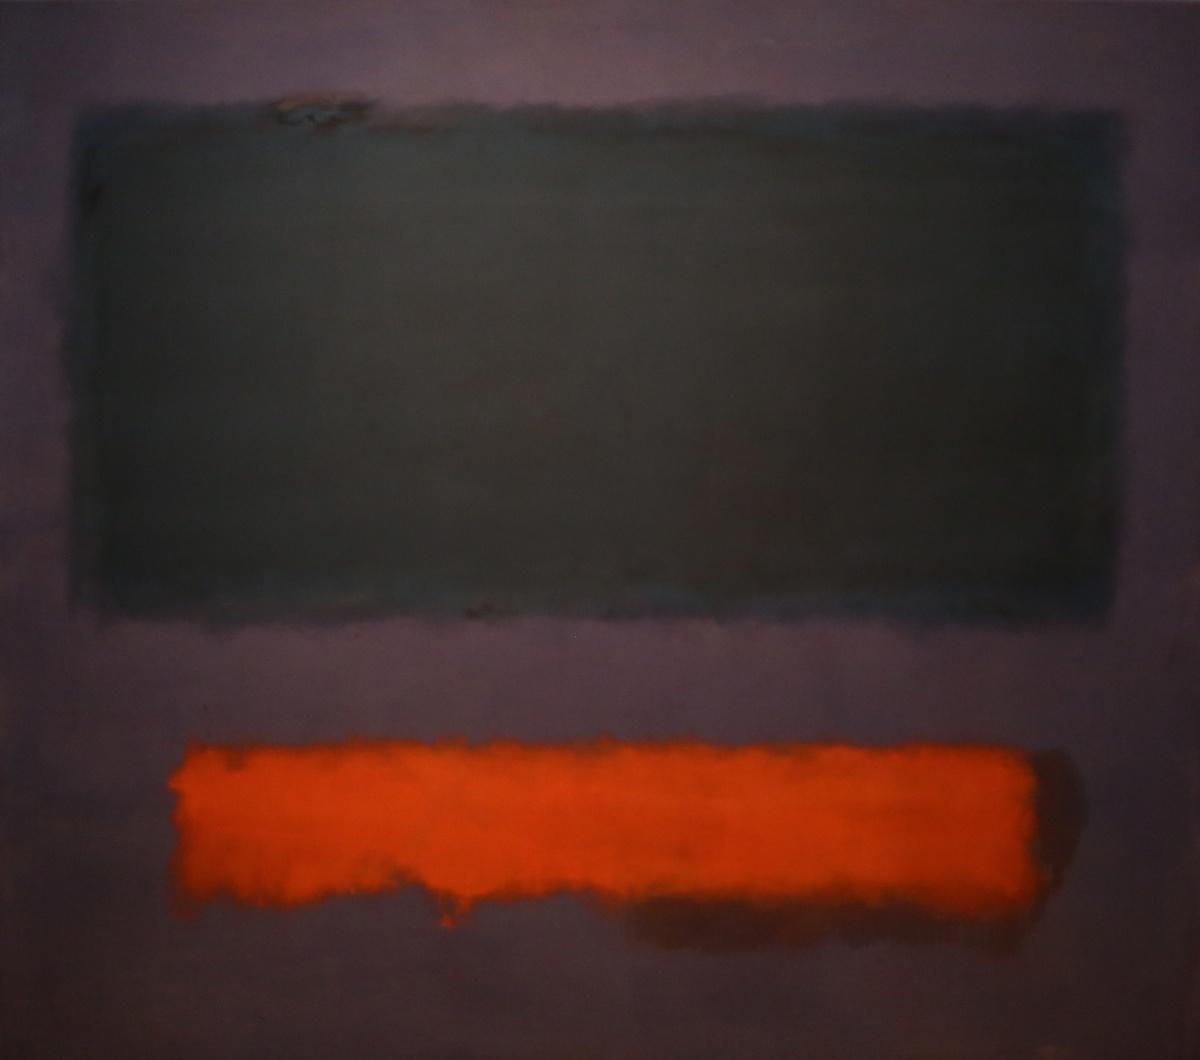 Mark Rothko x Gemeentemuseum Den Haag © Pulp Collectors  25